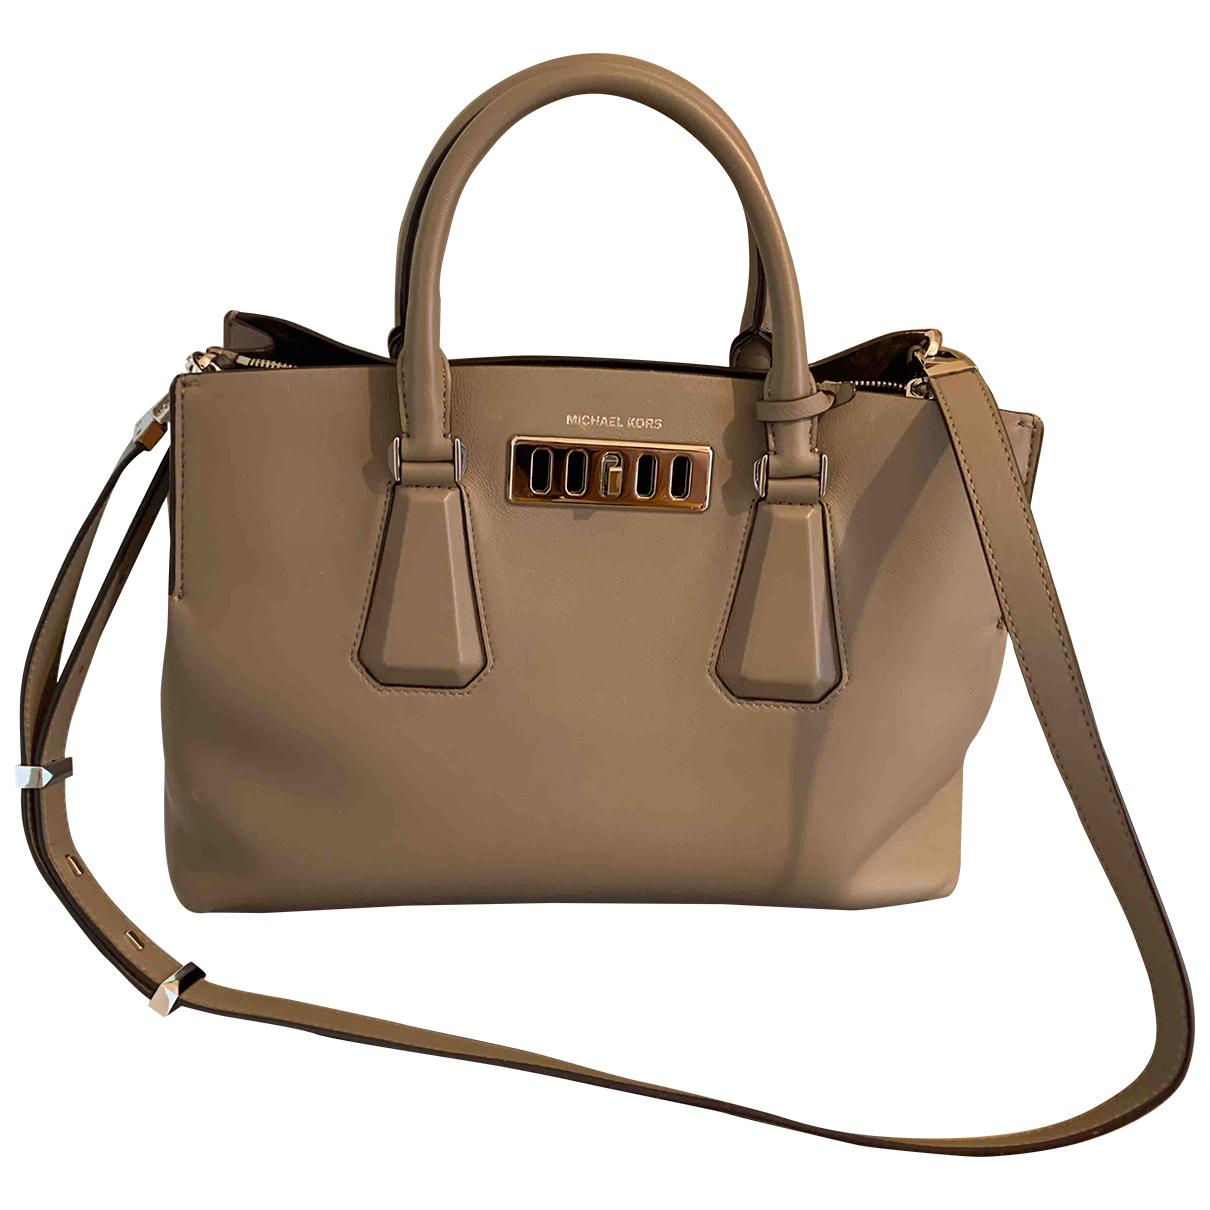 Michael Kors \N Handtasche in  Beige Leder